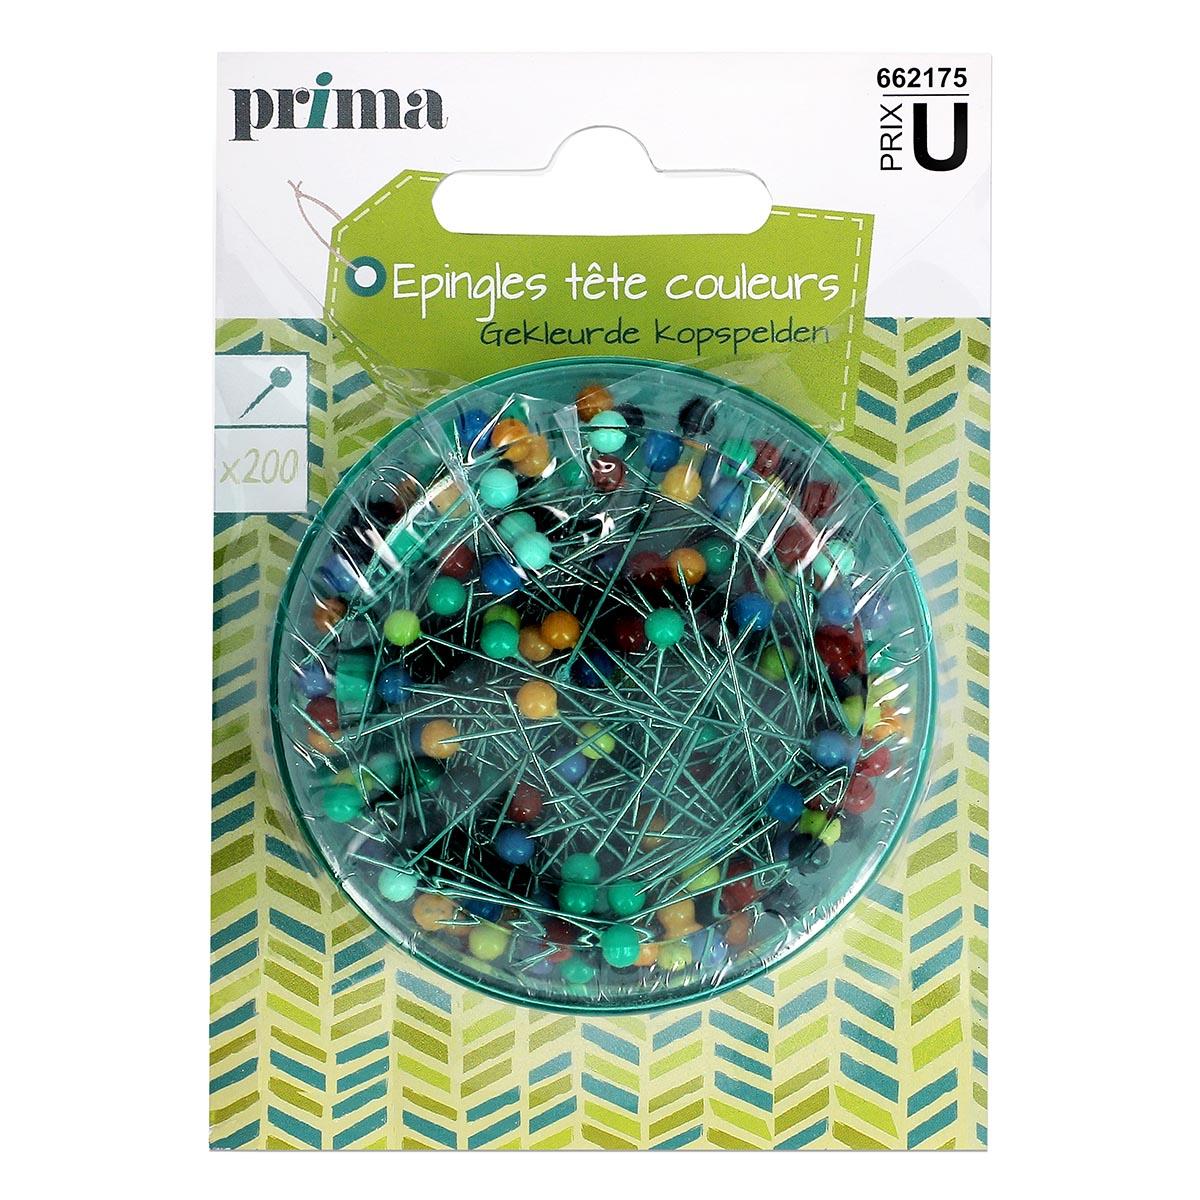 200 Épingles tête couleurs avec pack - Prima Mercerie